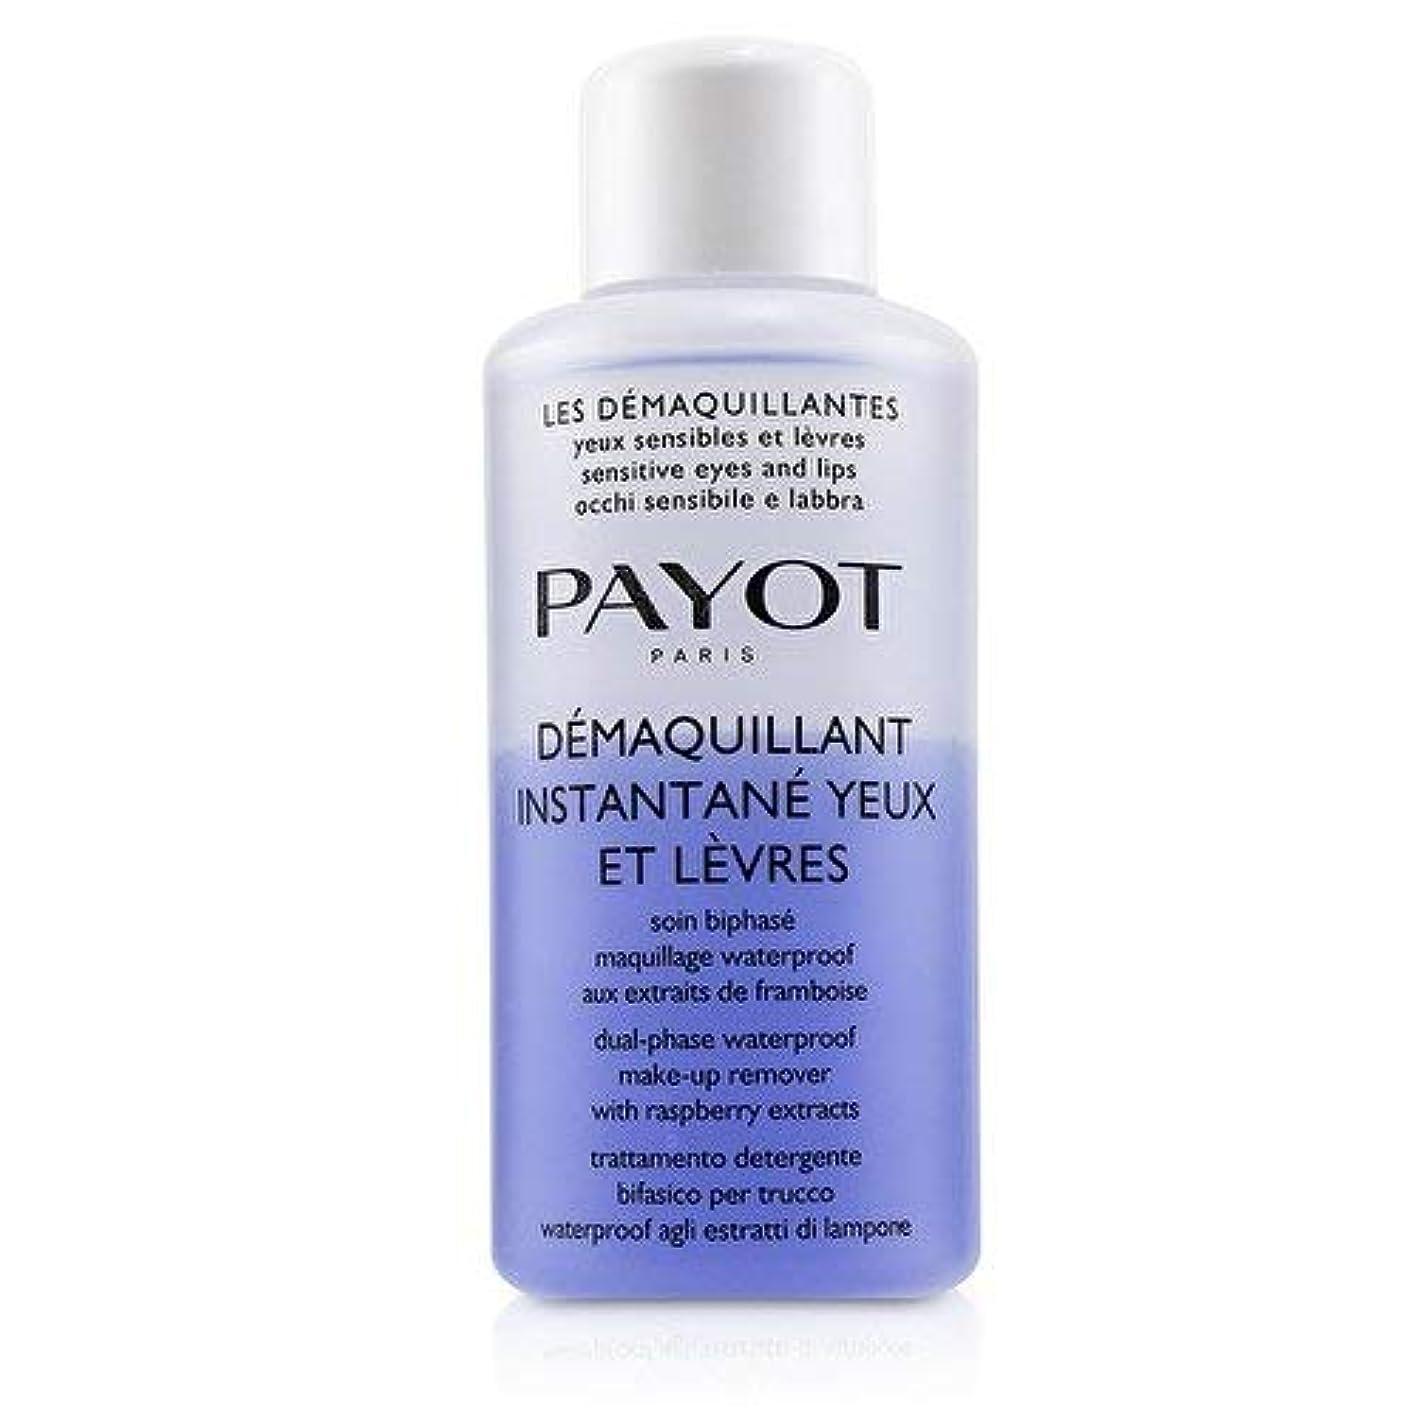 毛皮プロフィールランプパイヨ Les Demaquillantes Demaquillant Instantane Yeux Dual-Phase Waterproof Make-Up Remover - For Sensitive Eyes...